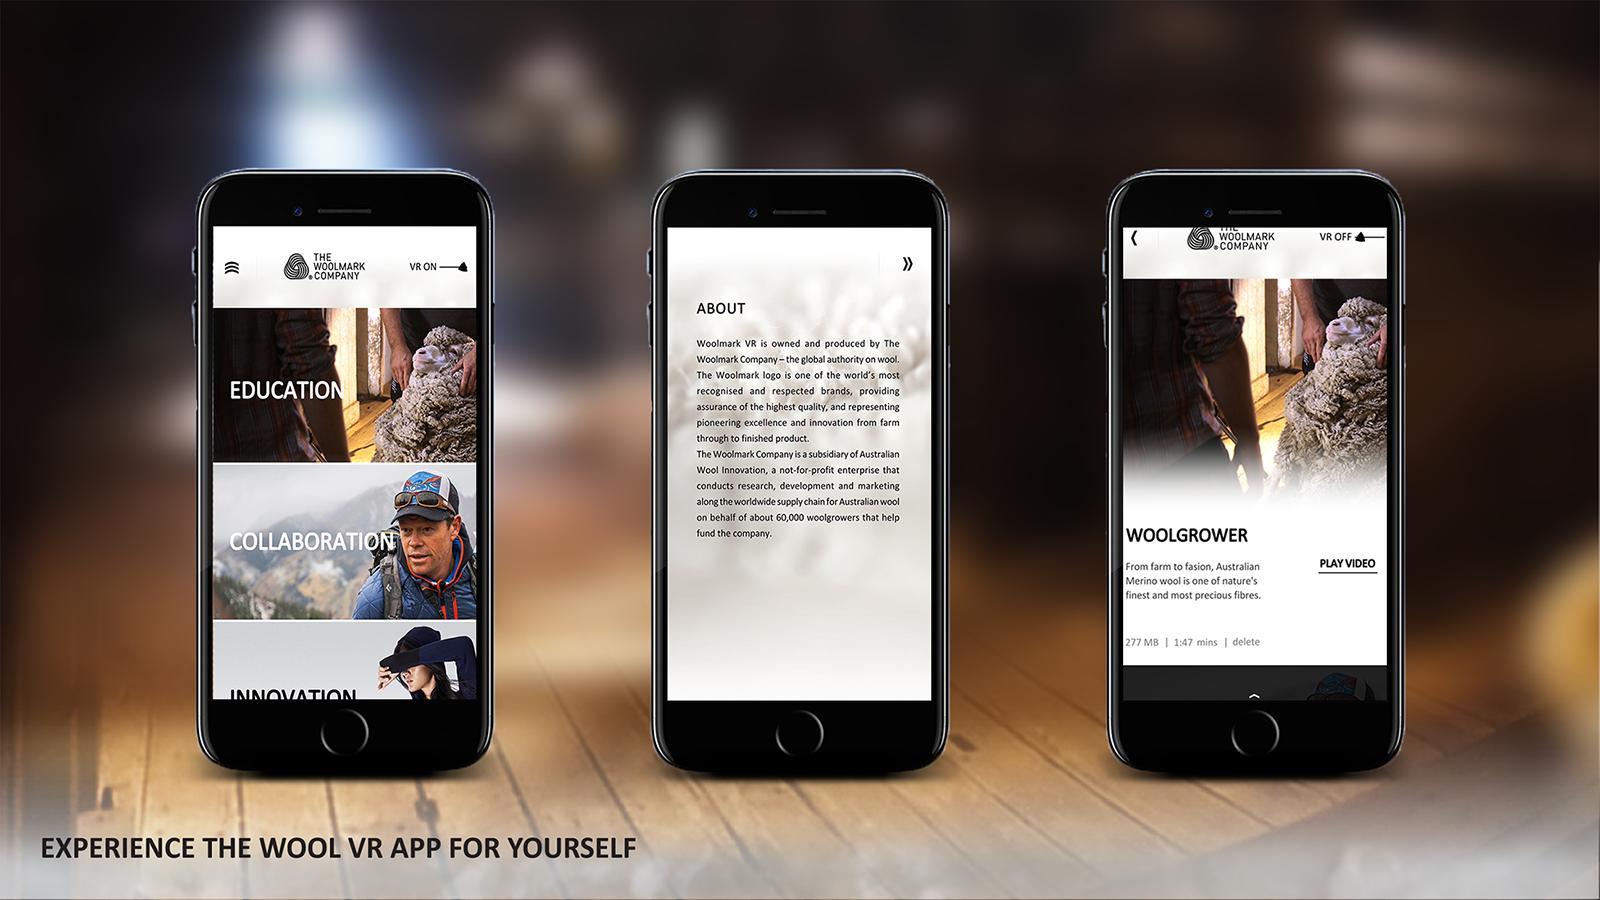 Woolmark VR Menu mobile screen mockup 01